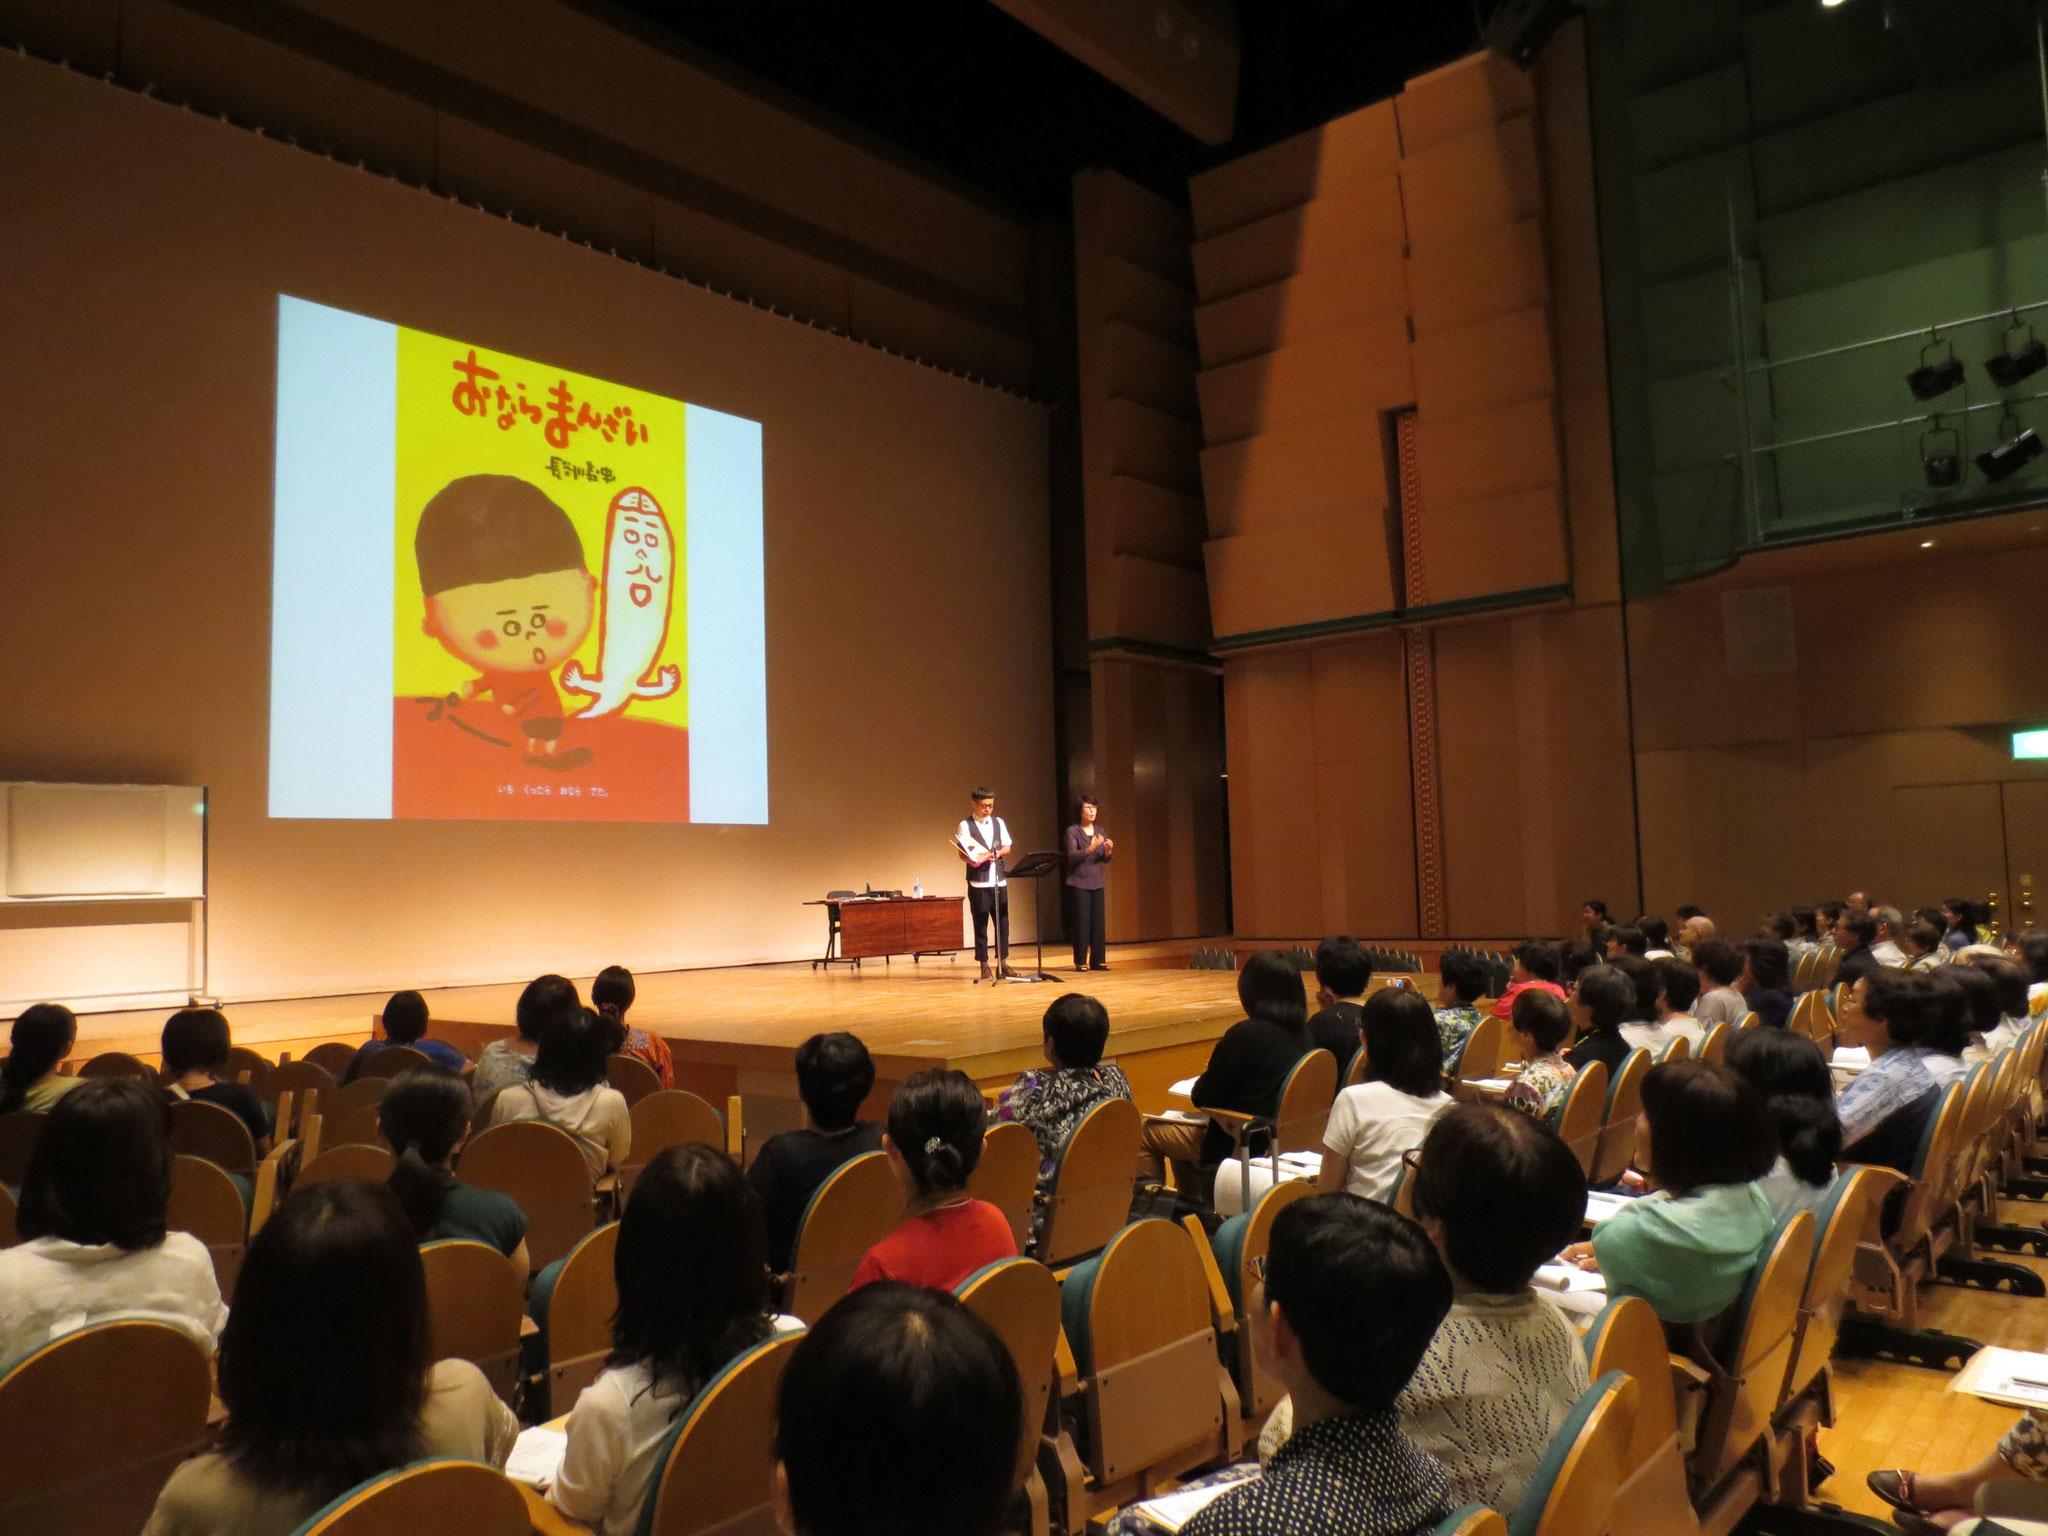 長谷川さんの楽しい講演